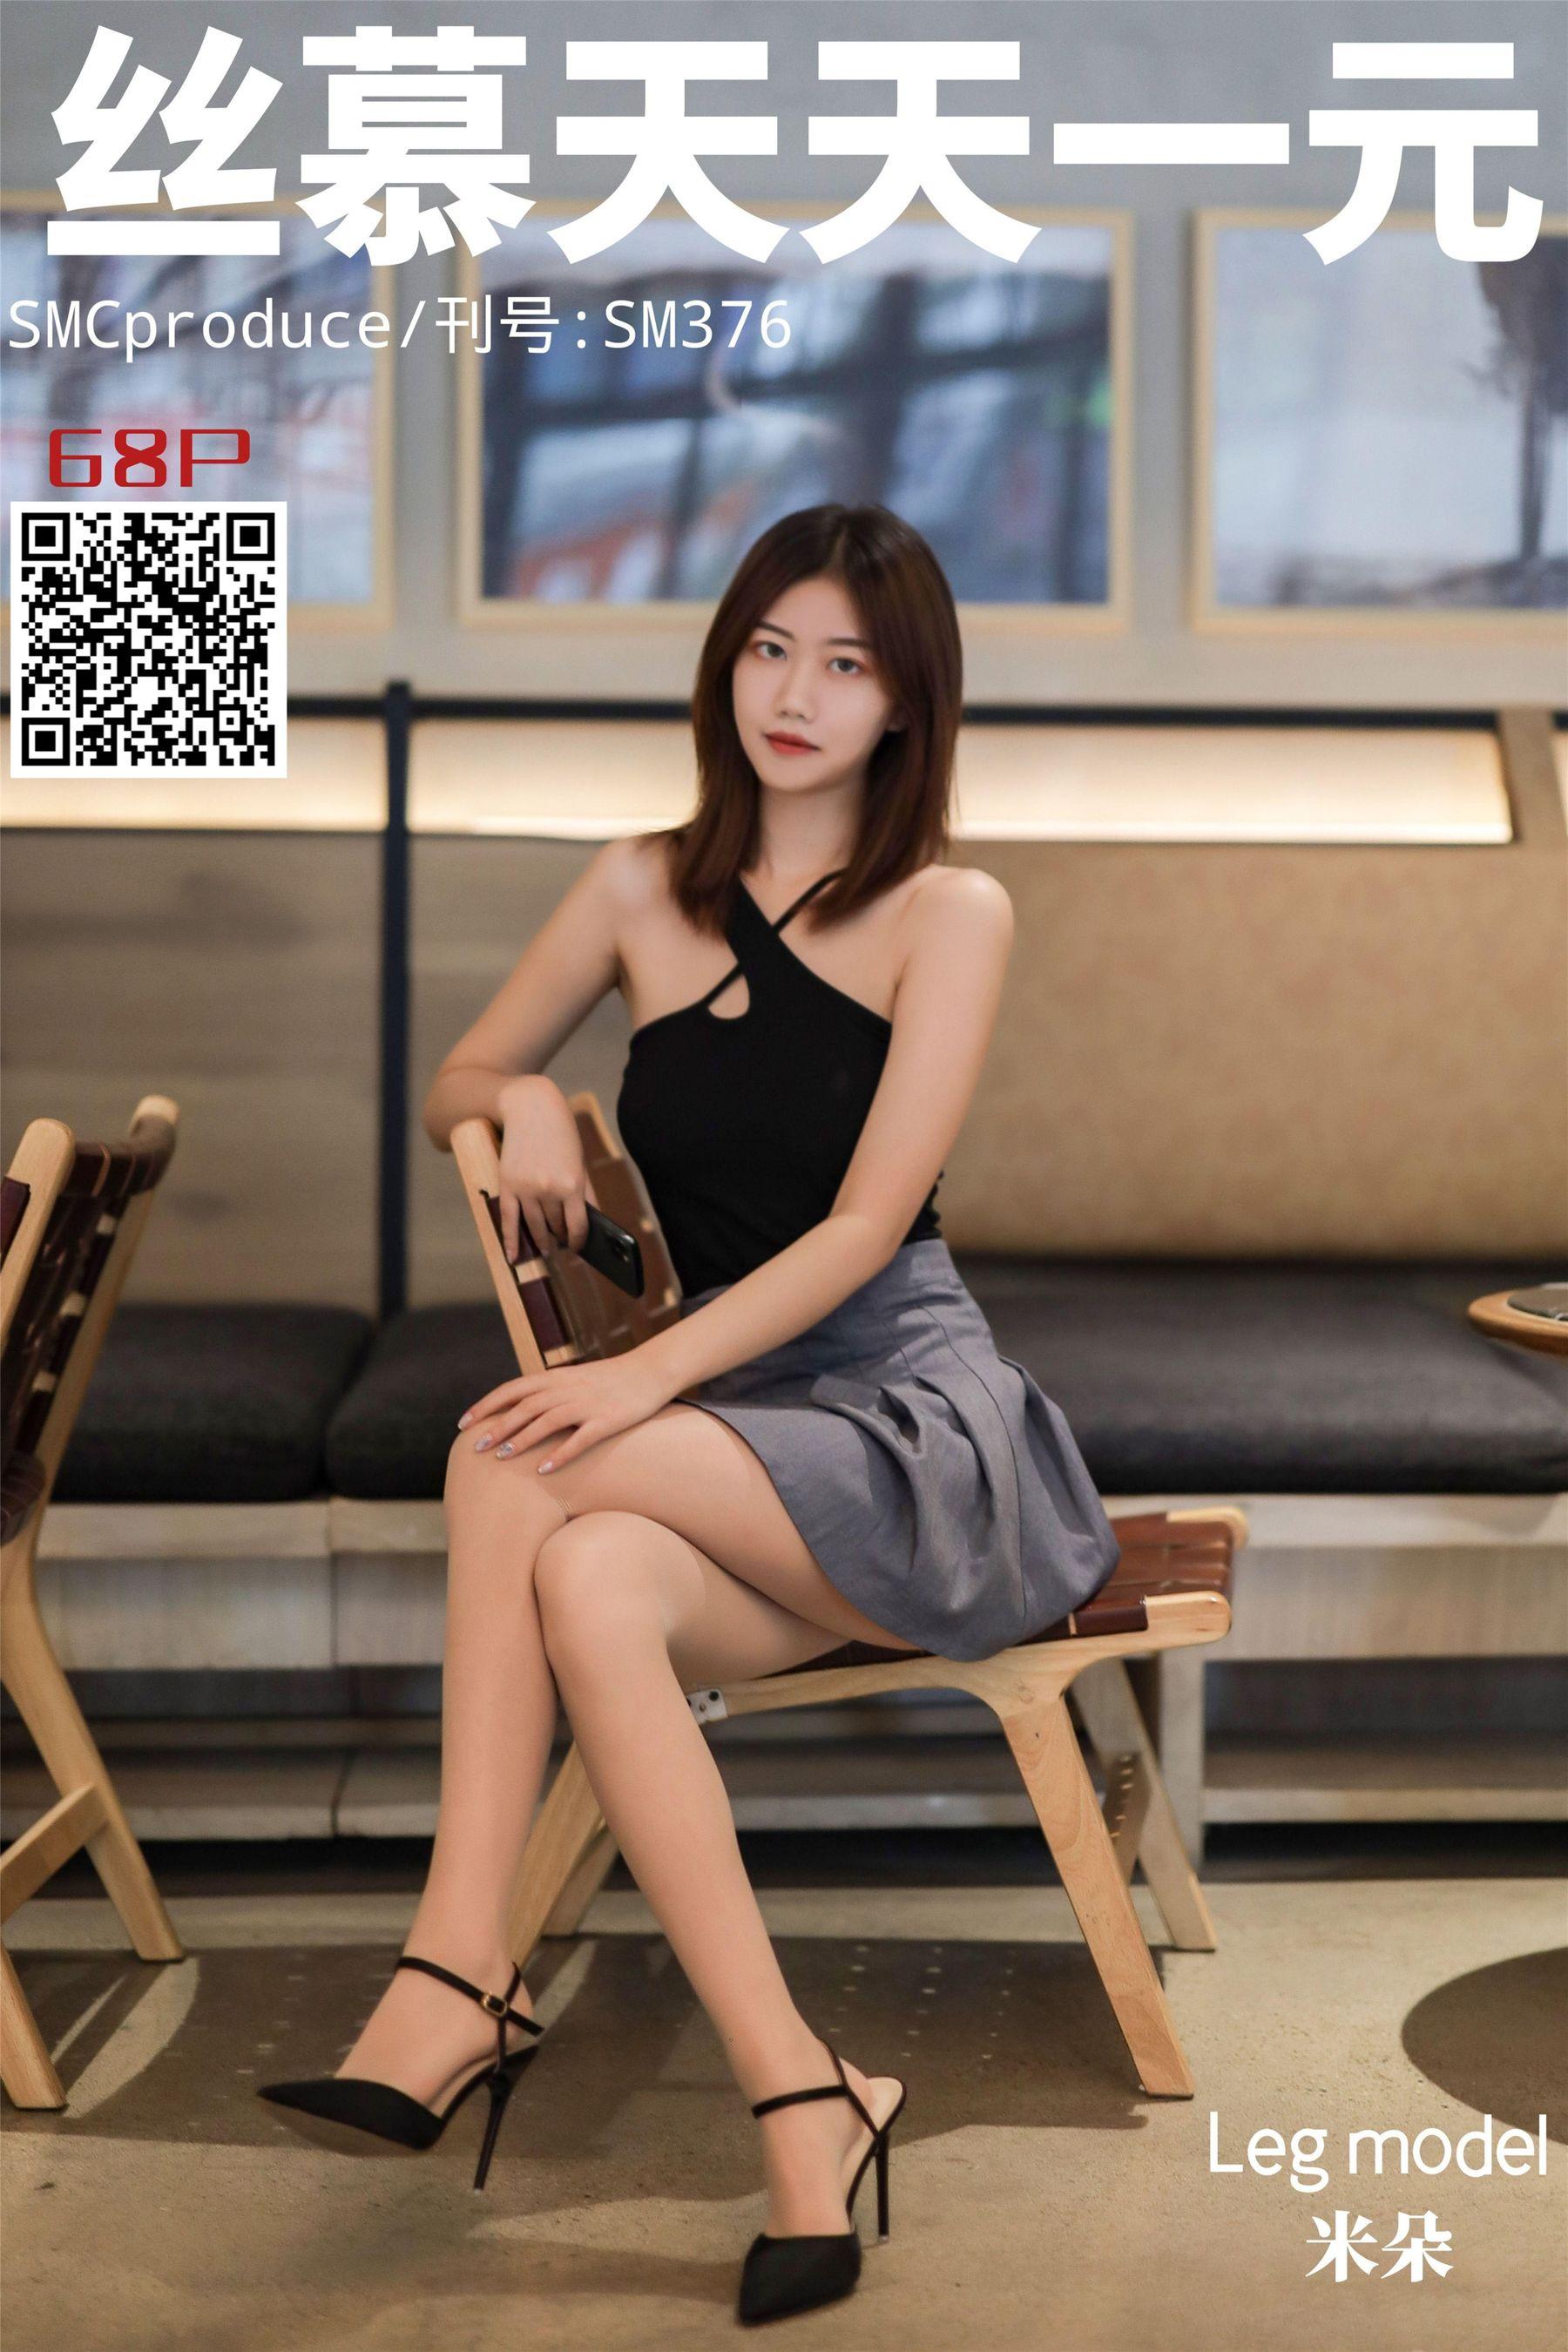 [丝慕]米朵SM376超高清写真大图片(71P)|648热度